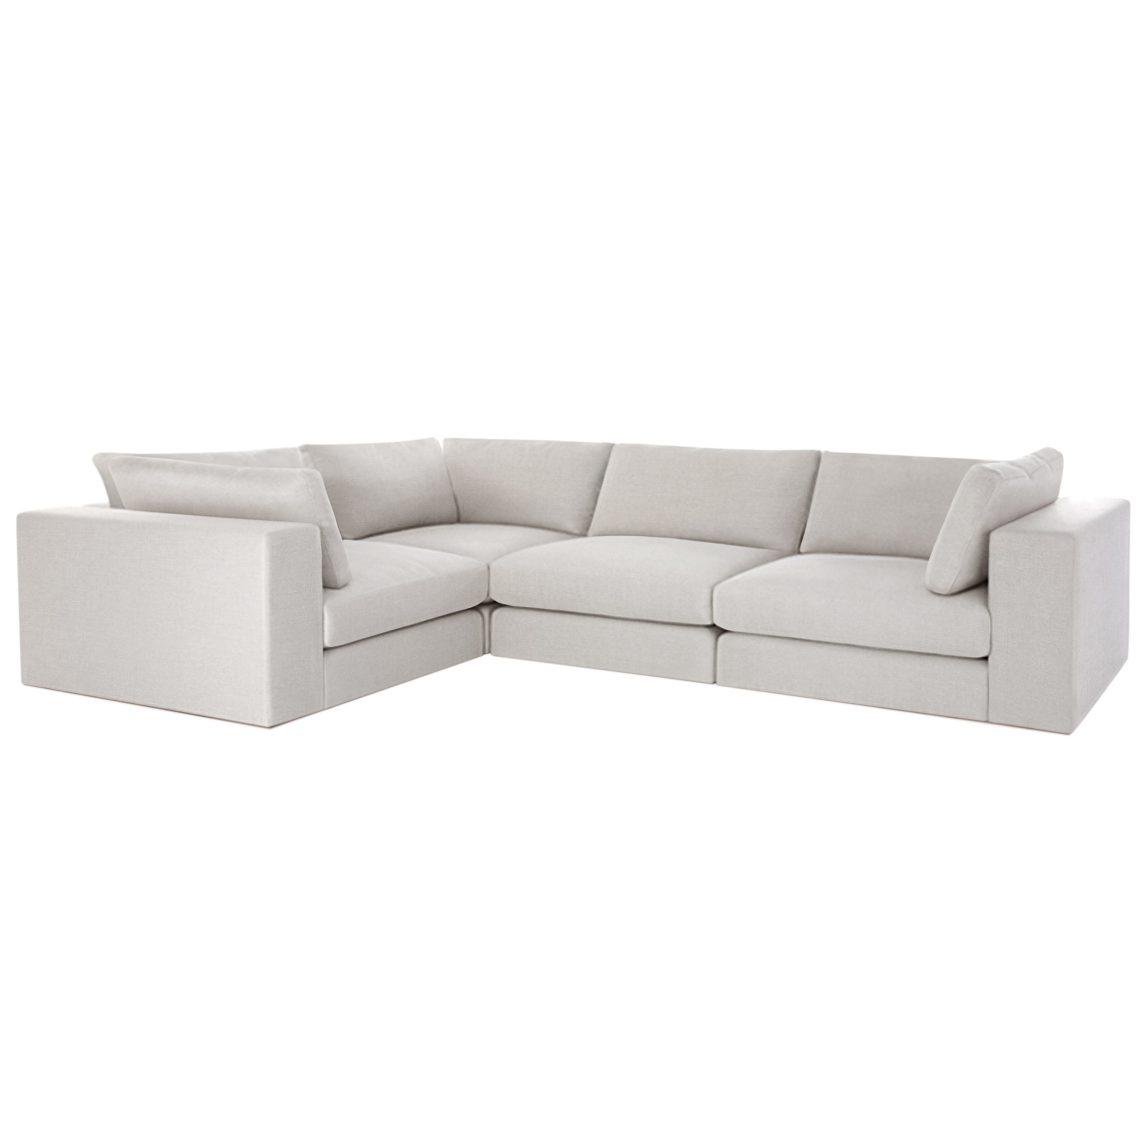 Модульный угловой диван Палмер